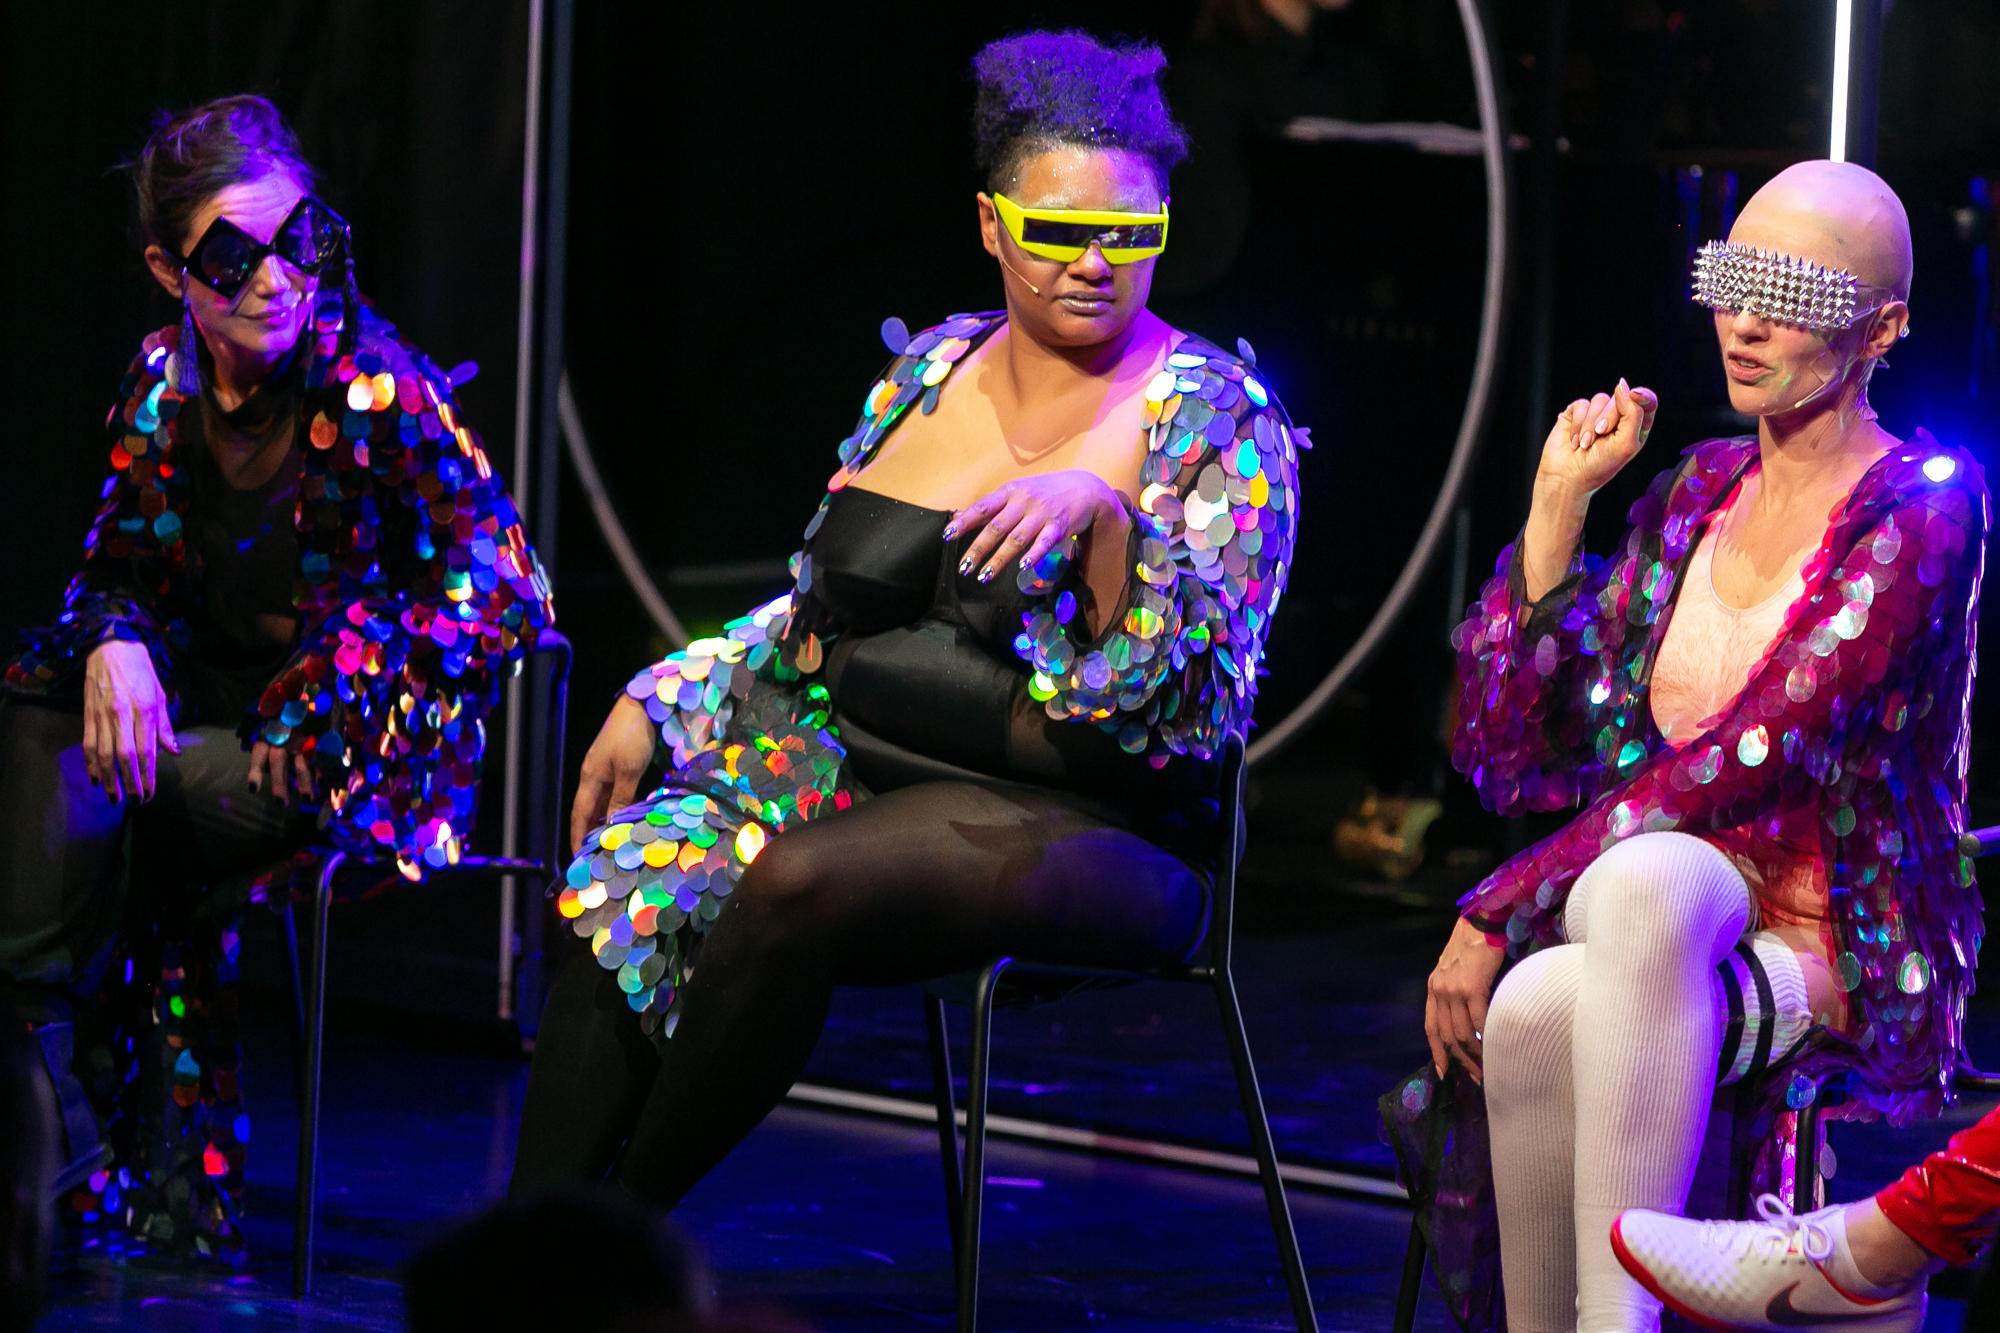 Na ciemnej scenie siedzą na krzesłach trzy drag queens. Norbert Zły w kwadratowych okularach z ozdobnymi chwostami i plaszczu z kolorowych, wielkich cekinów; Przemek Boski w czarnym kombinezonie z lycry i narzutce z kolorowych cekinów, w wąskich, czarno-żółtych okularach, i Damian Alien w prostokatnych okukarach ze srebrnych ćwieków, białych getrach i bordowej narzutce z cekinów